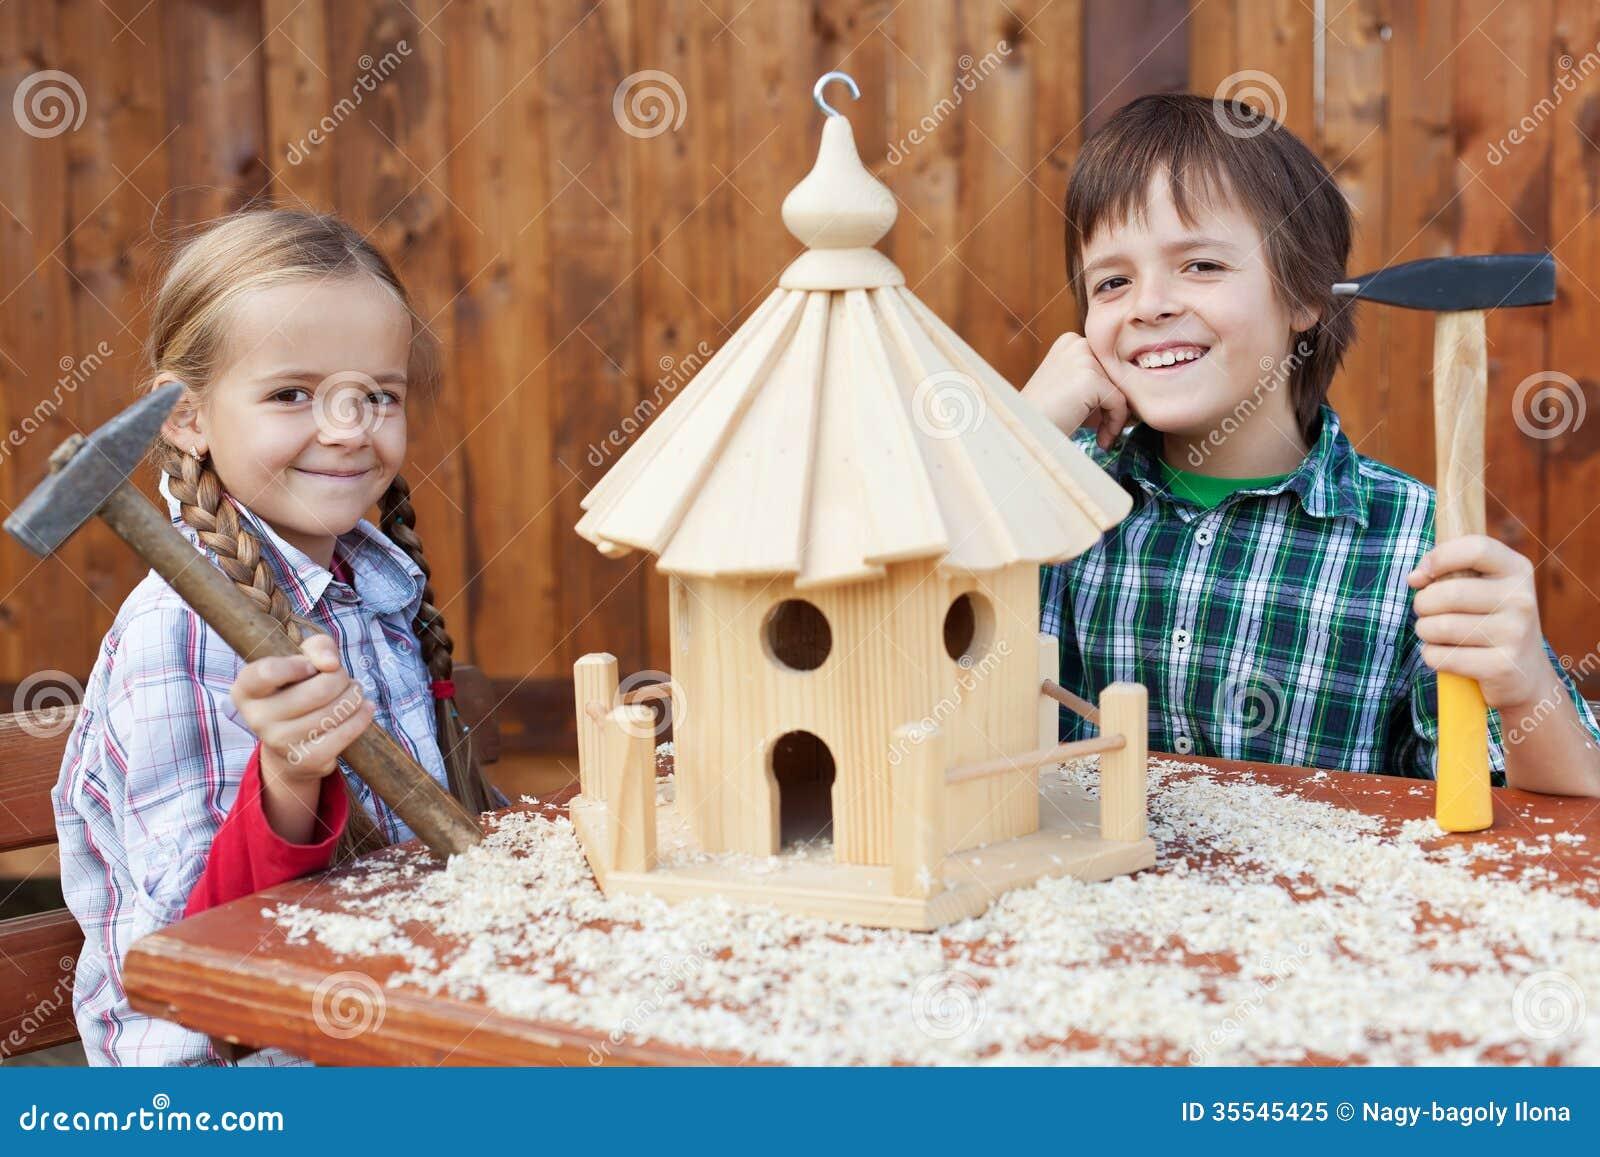 gl ckliche kinder die ein vogelhaus bauen lizenzfreies stockfoto bild 35545425. Black Bedroom Furniture Sets. Home Design Ideas